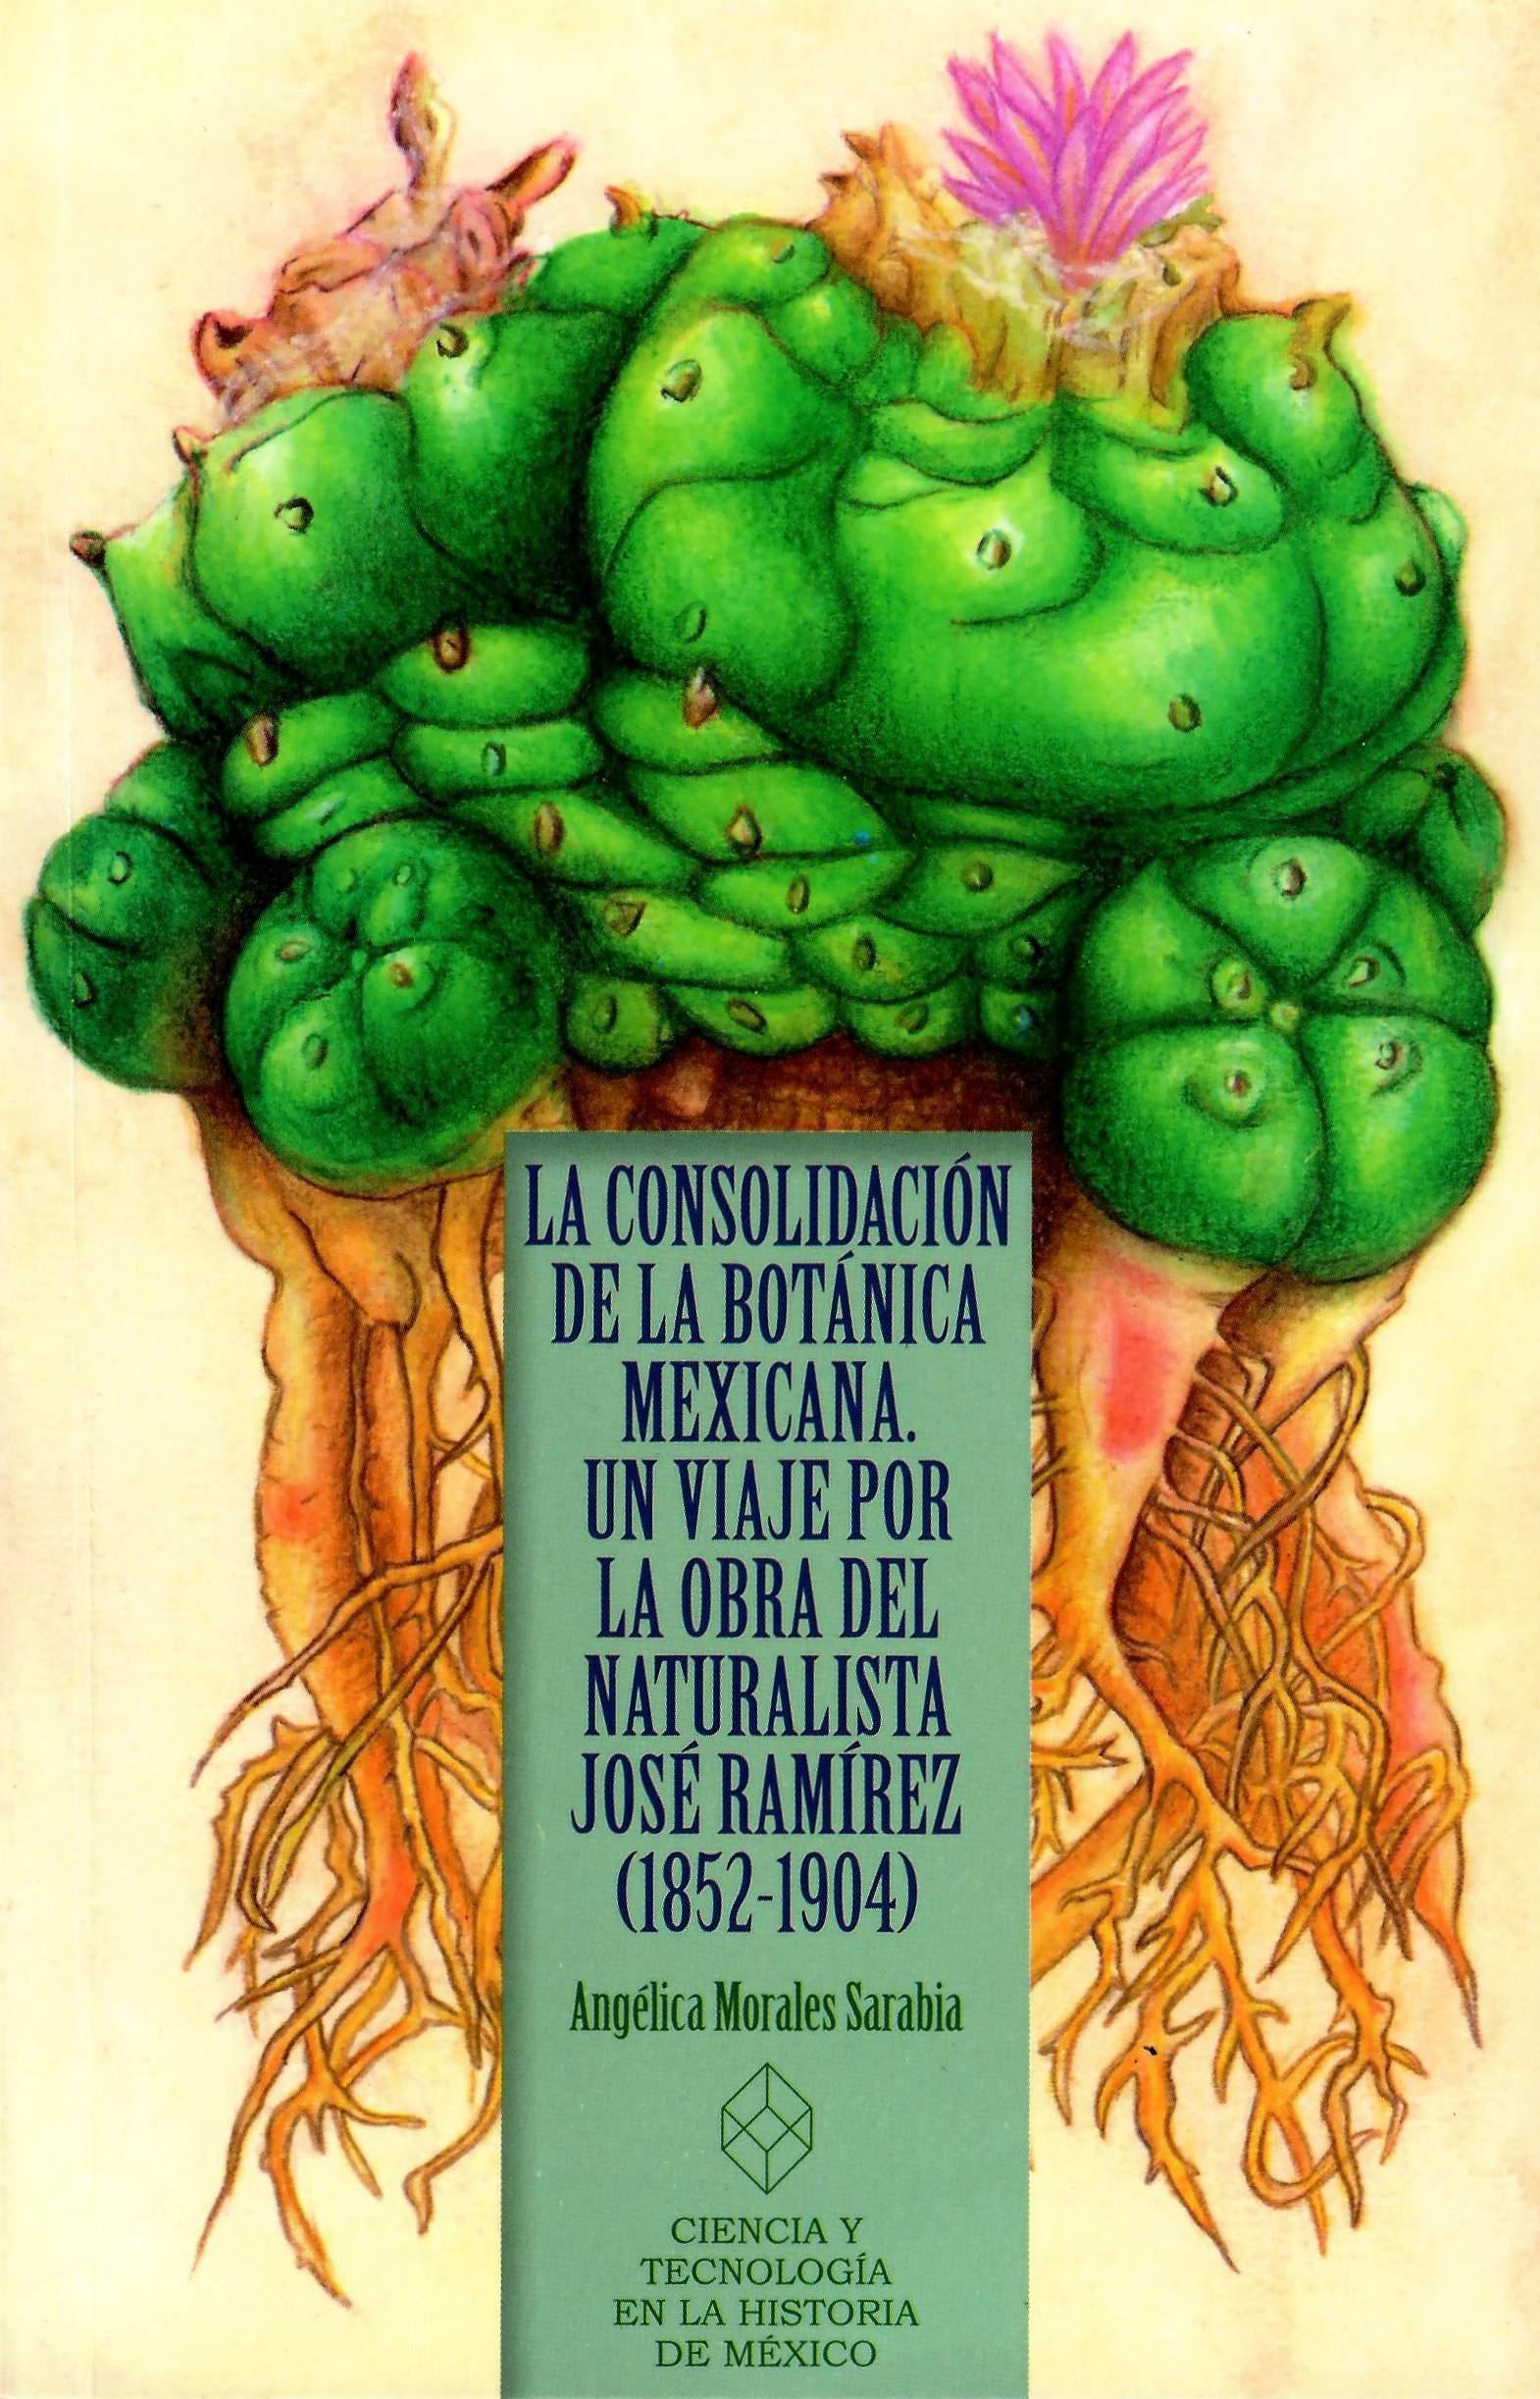 La consolidación de la botánica mexicana: un viaje por la obra del naturalista José Ramírez